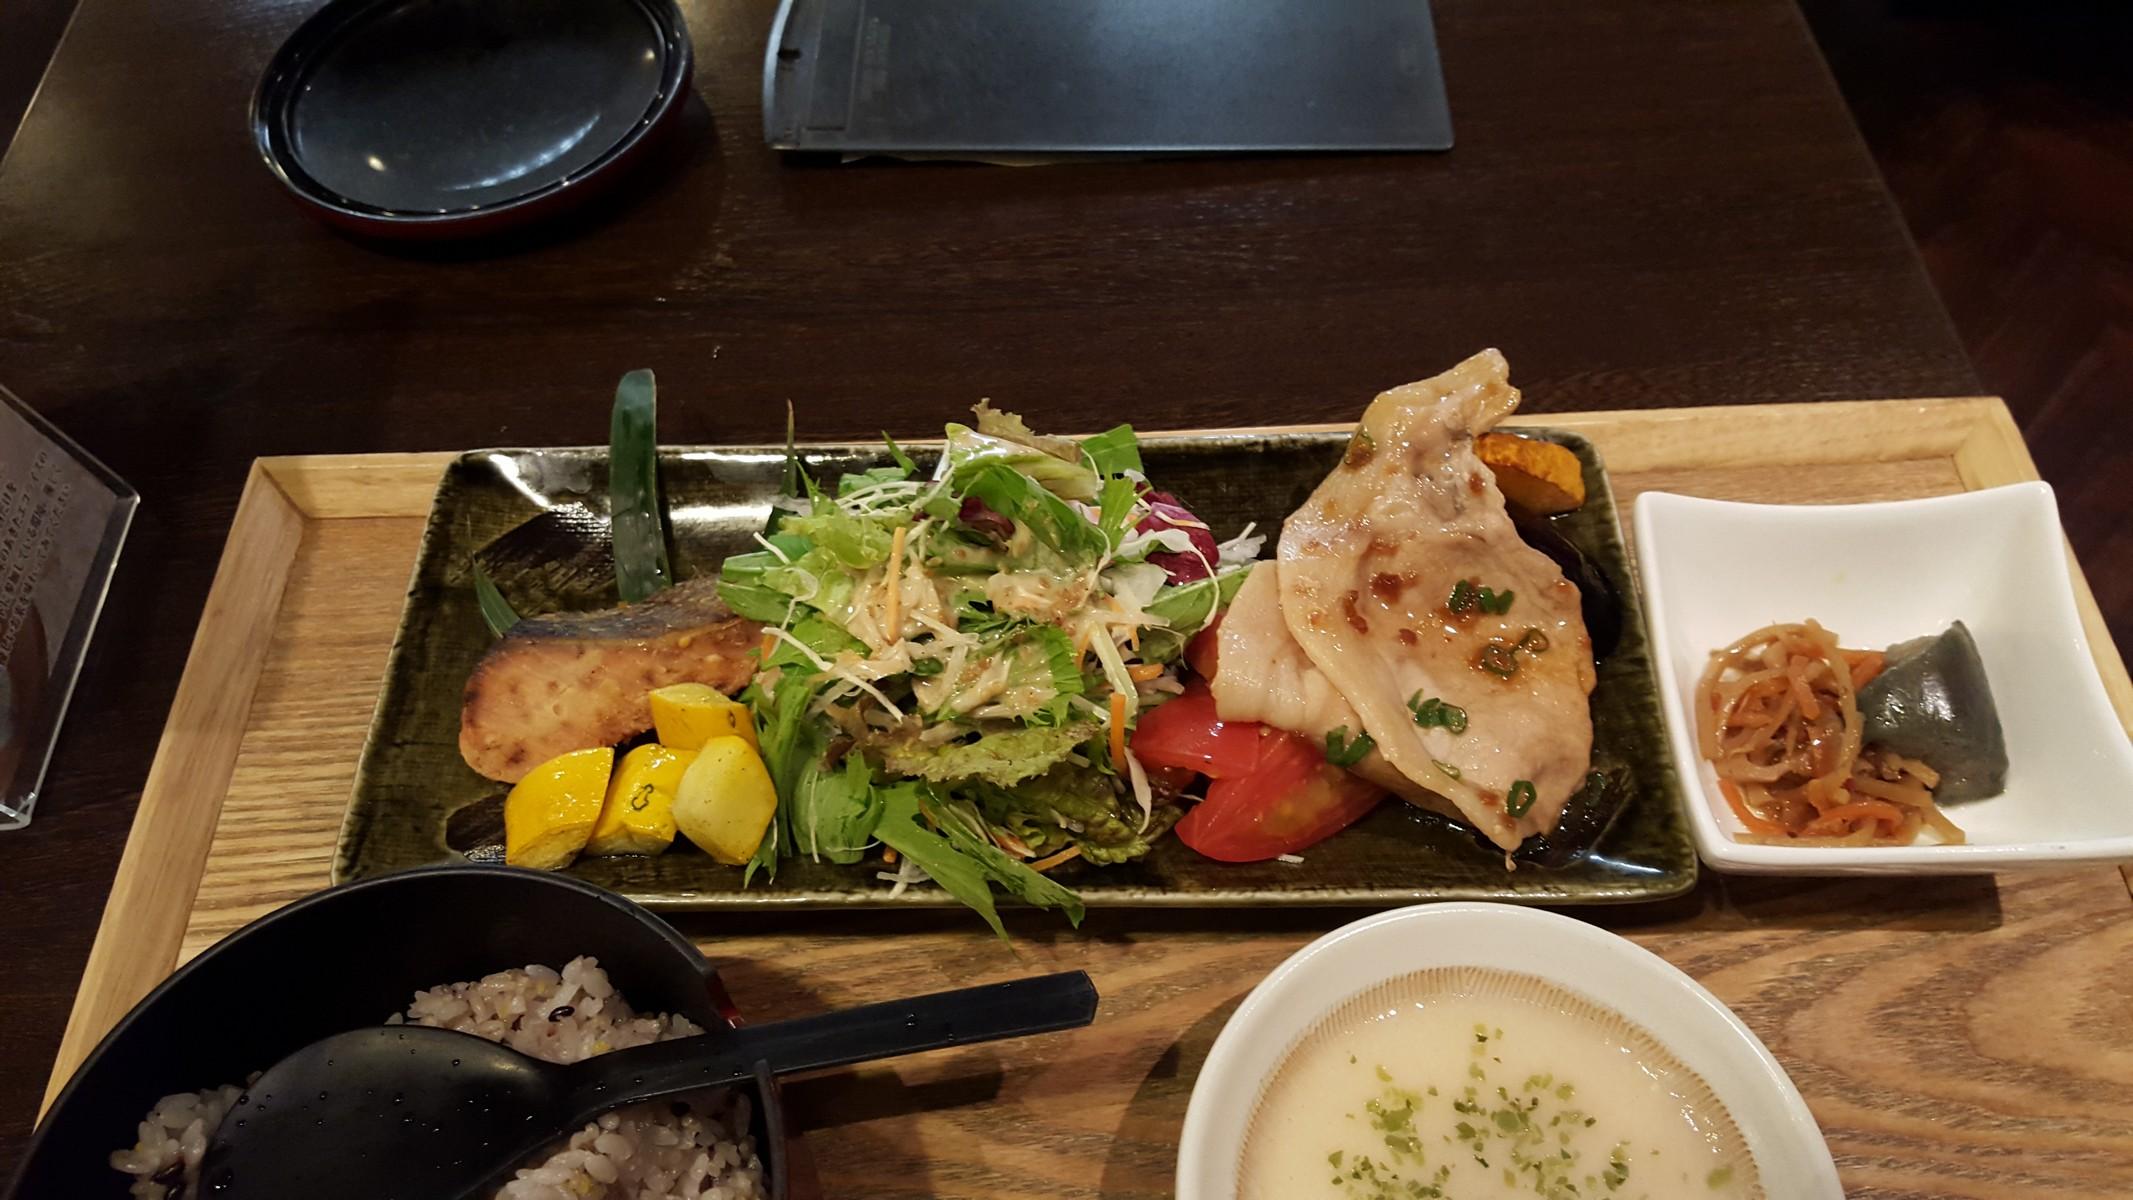 笑子豚(エコブー)の生姜焼きと鮭の西京焼き【ごはんCafe/銀座】